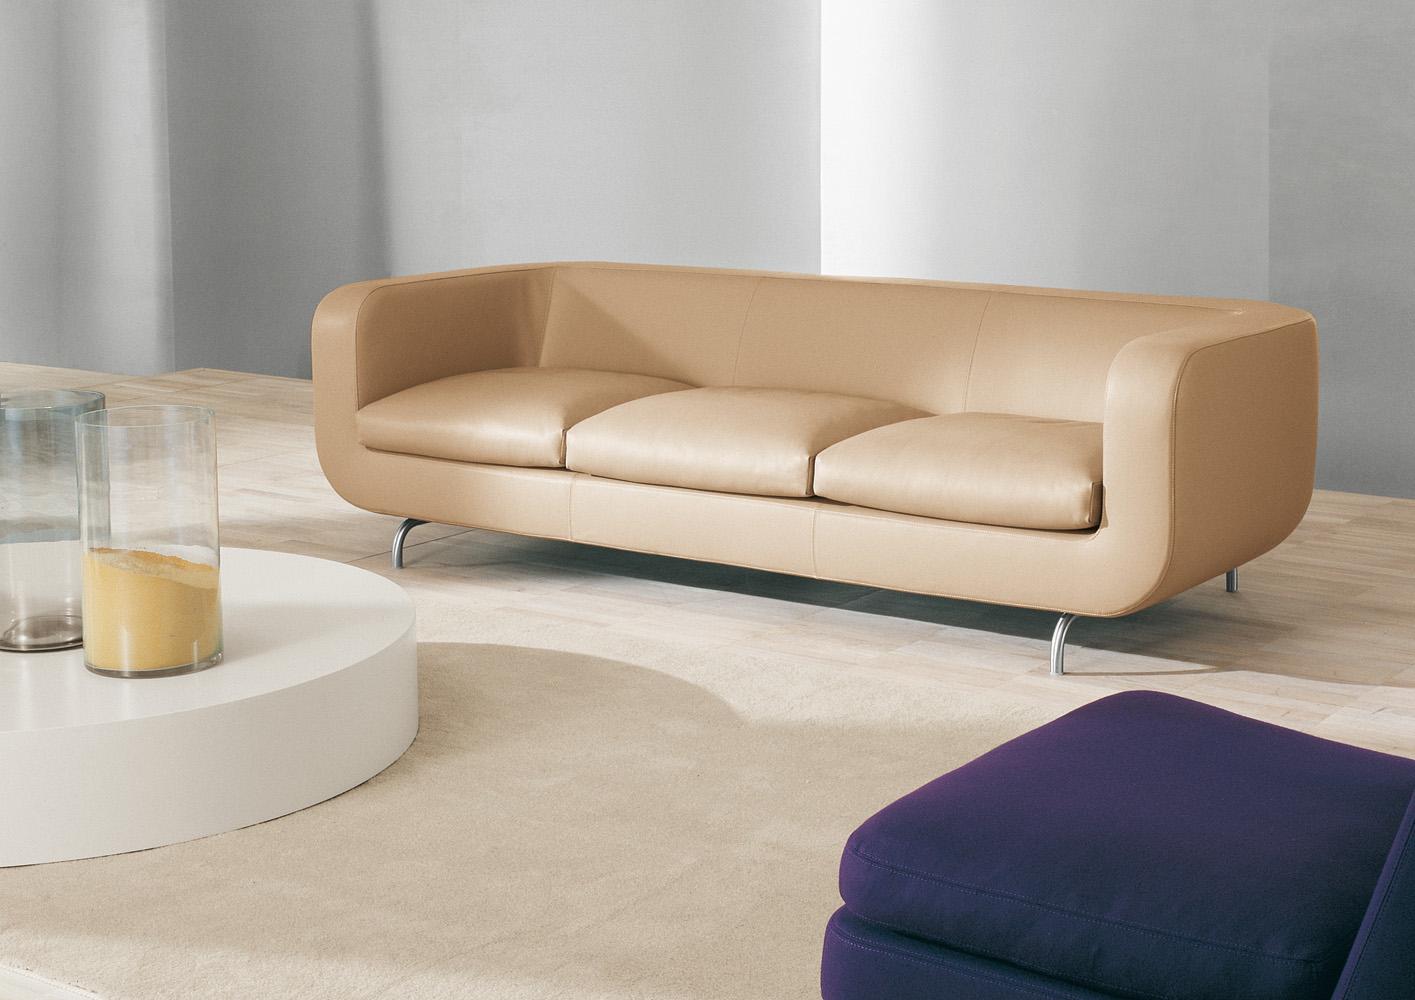 Dubuffet sofa